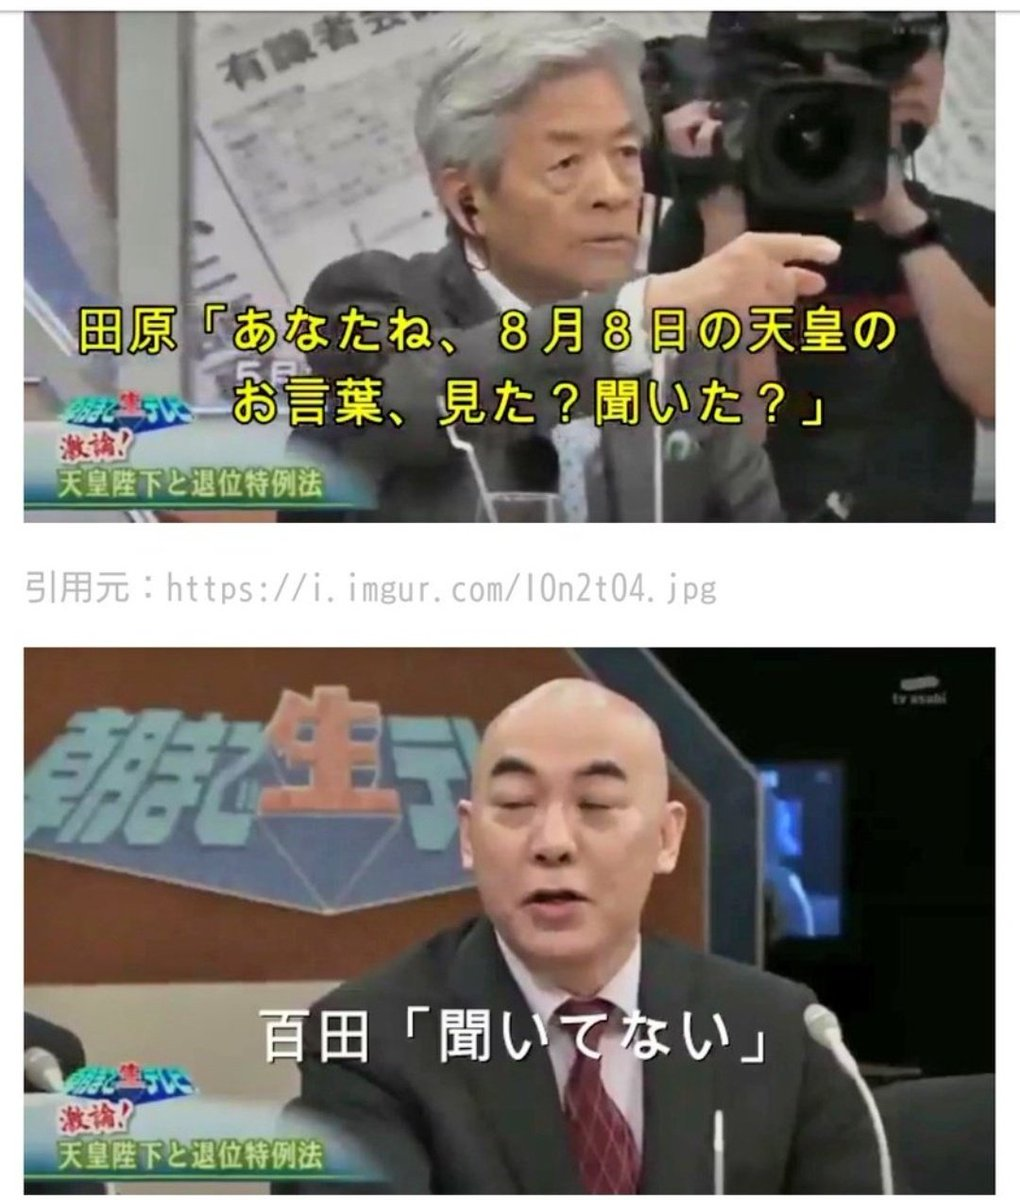 RT @M16A_hayabusa: 皇室を軽視したり暴言を吐く人が日本の歴史を称えたり、語ったり ましてや本を書く資格なんて何処にも無い!とは私は思うのです。  #百田尚樹 #日本国紀 https://t.co/1TA9vGFzHC